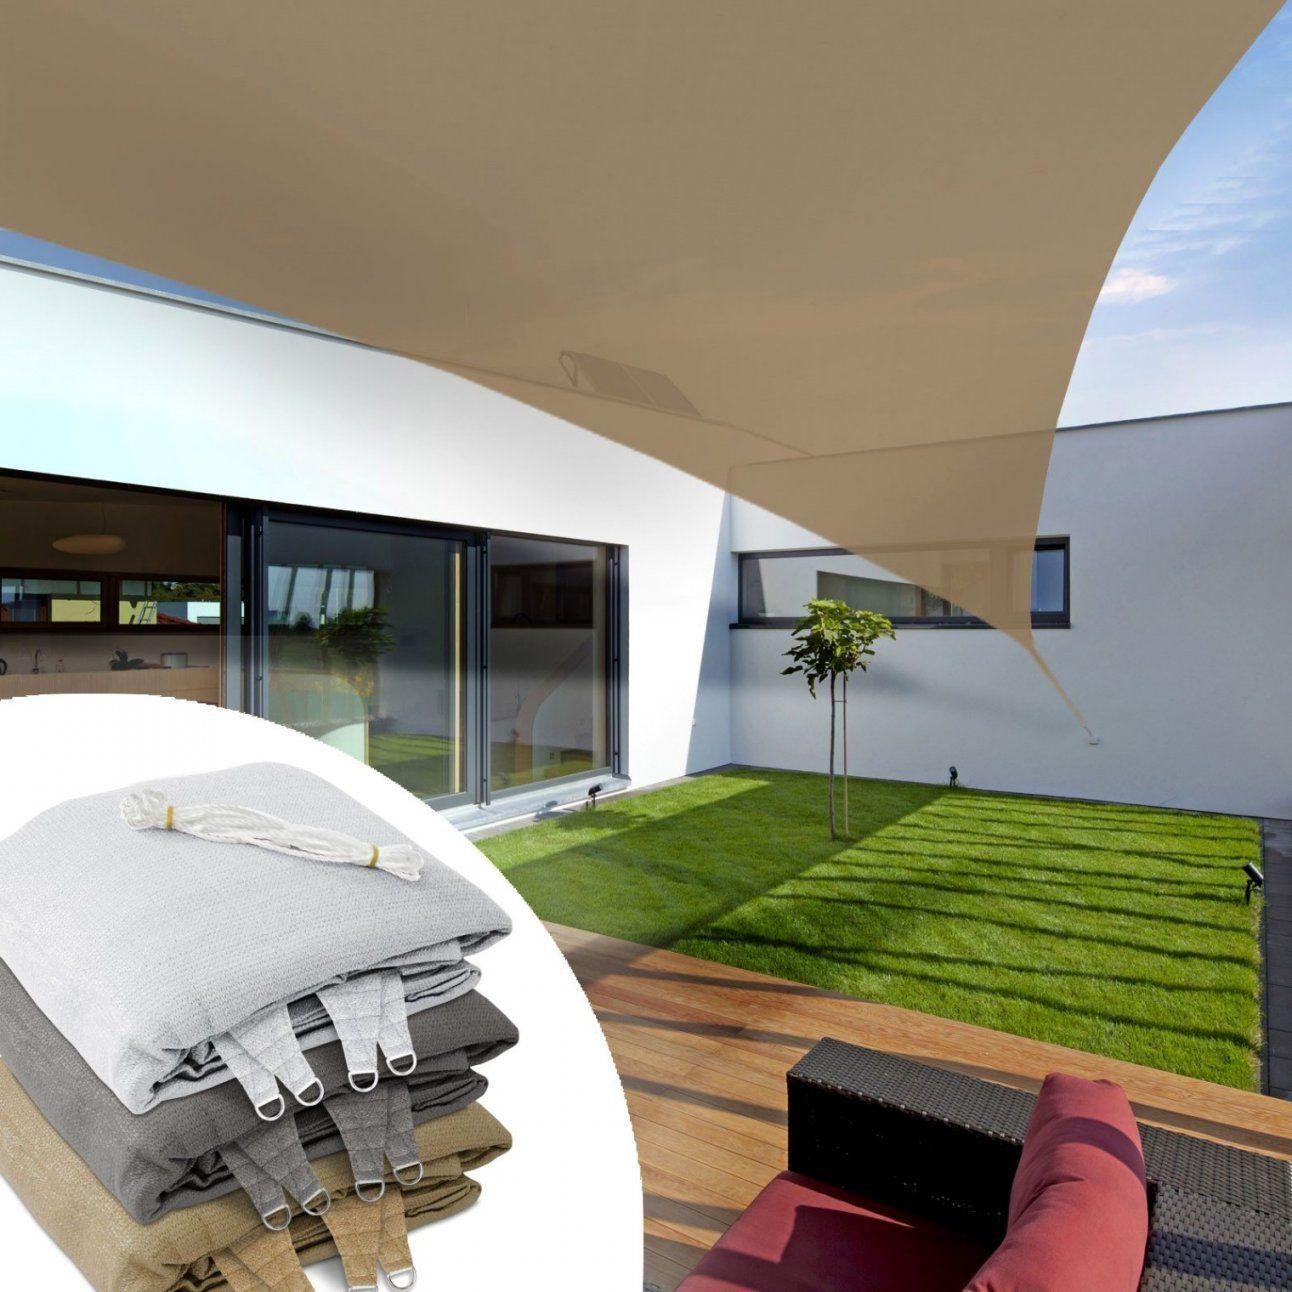 Beliebt Ehrfurchtige Sonnenschutz Terrasse Seitlich Zum Balkon Von